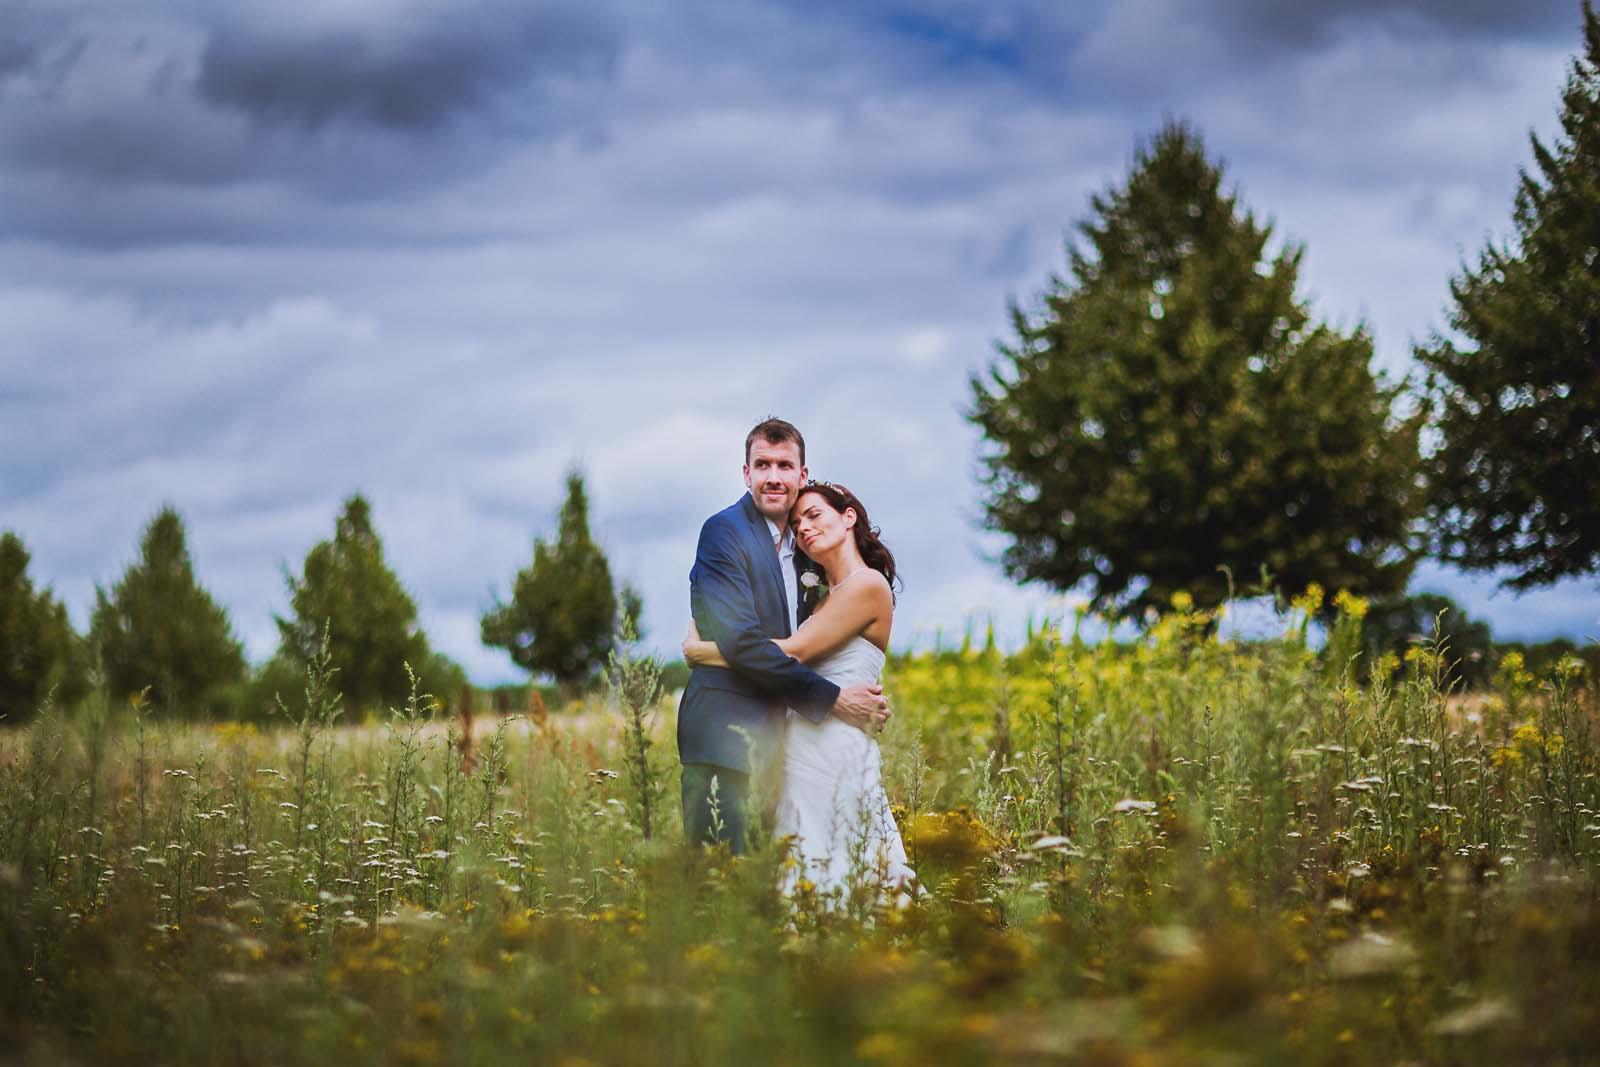 Vertraeumtes Hochzeitsportrait im Feld Copyright by Hochzeitsfotograf www.berliner-hochzeitsfotografie.de